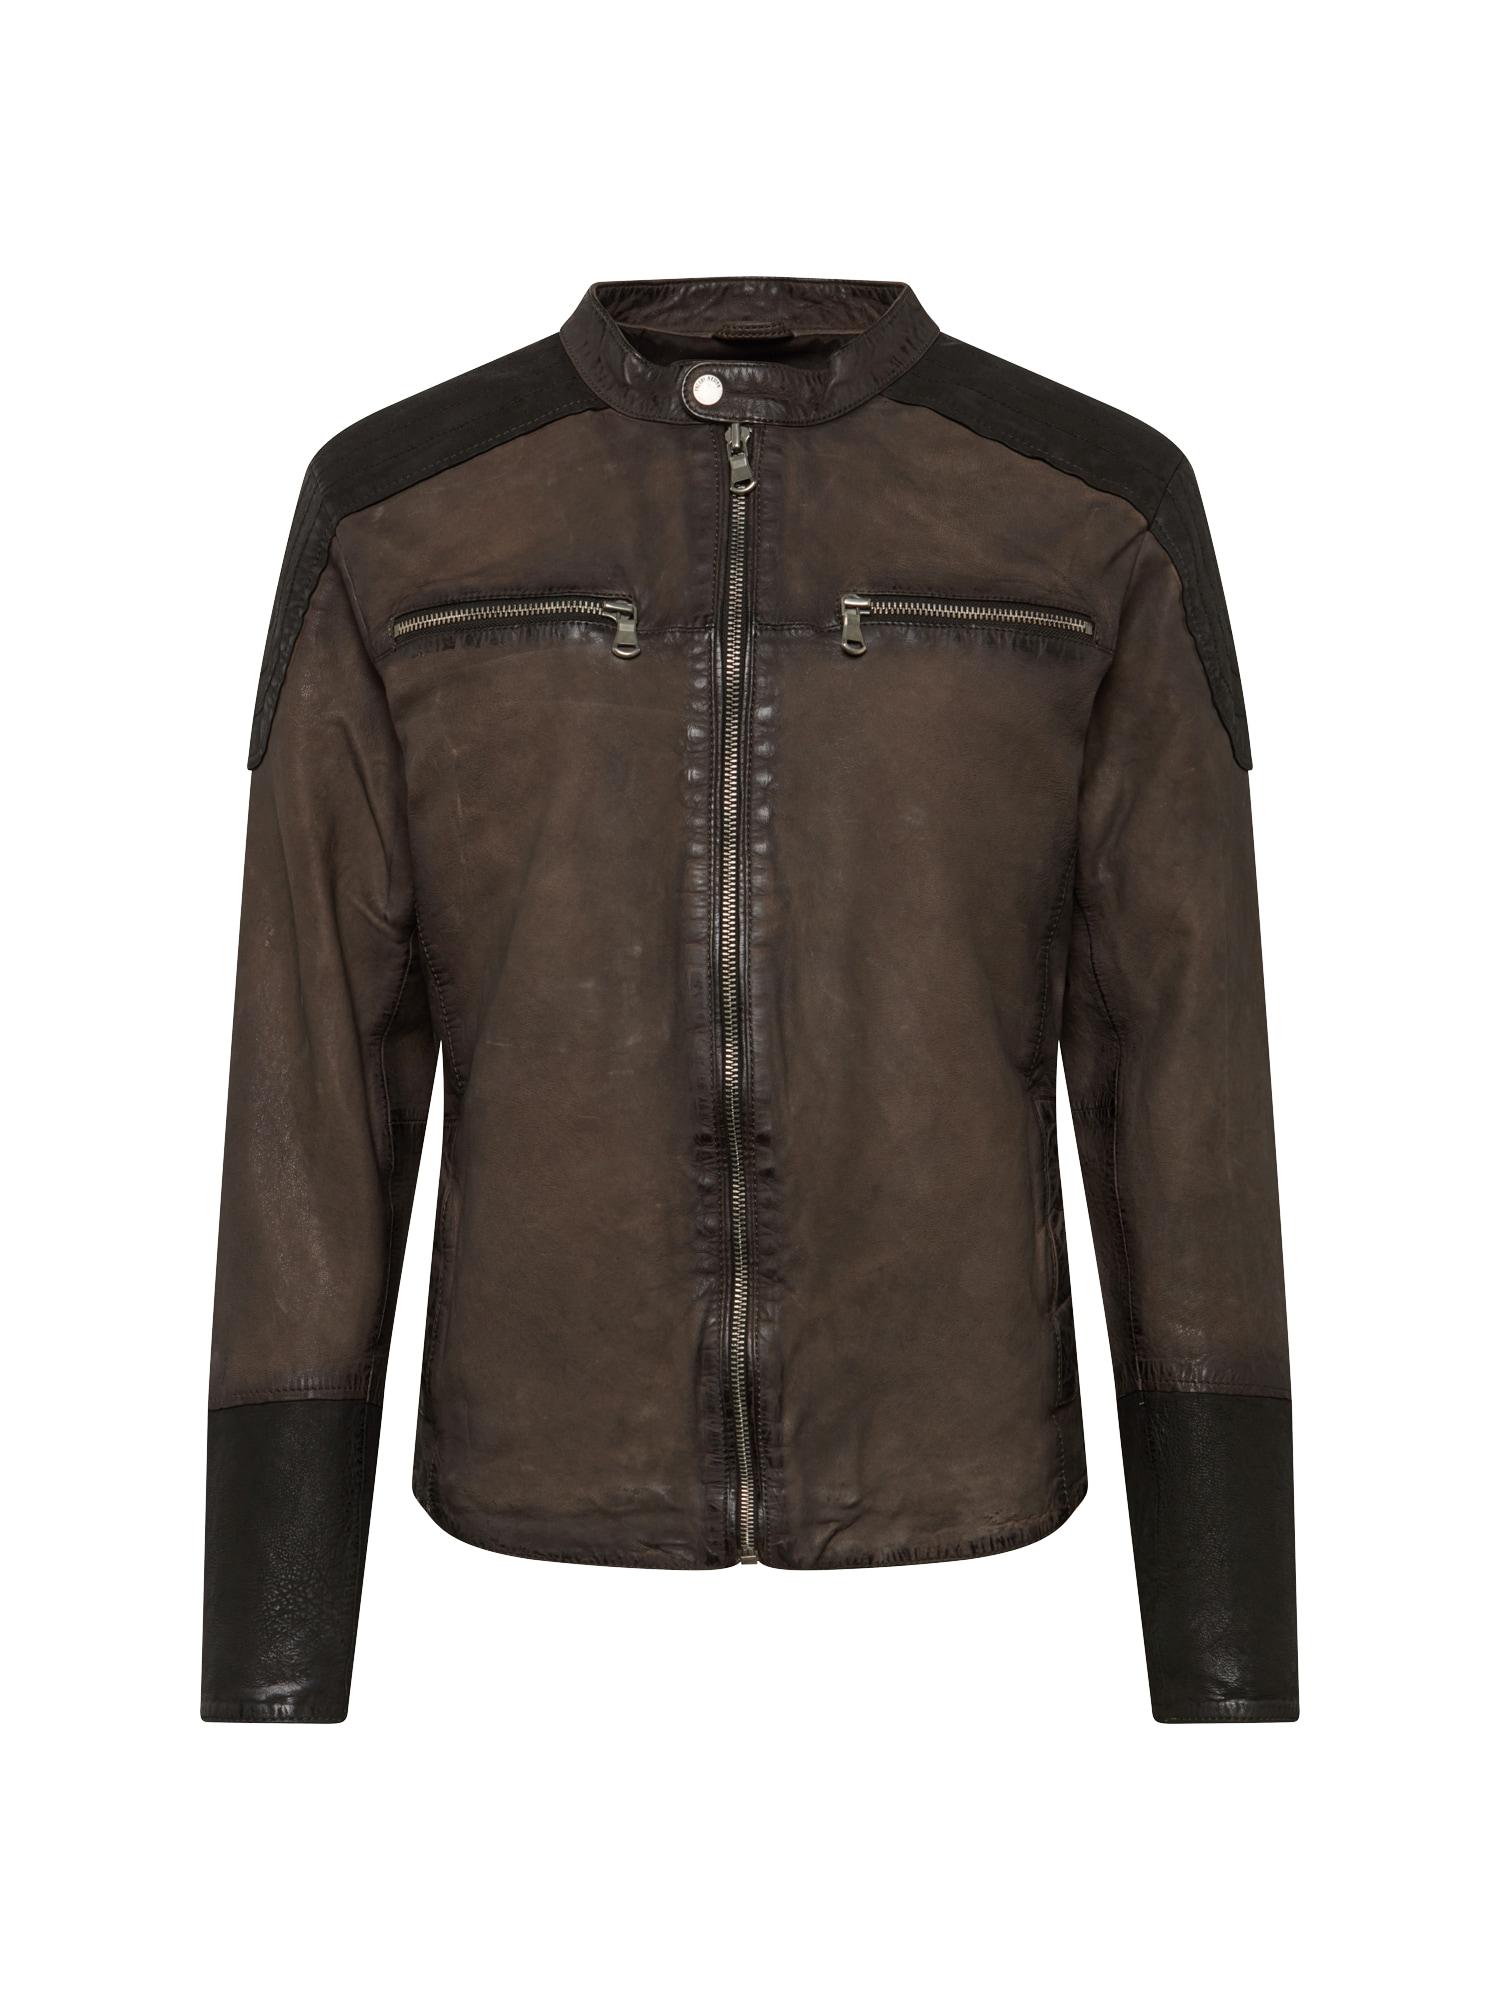 Přechodná bunda Mersey khaki černá FREAKY NATION